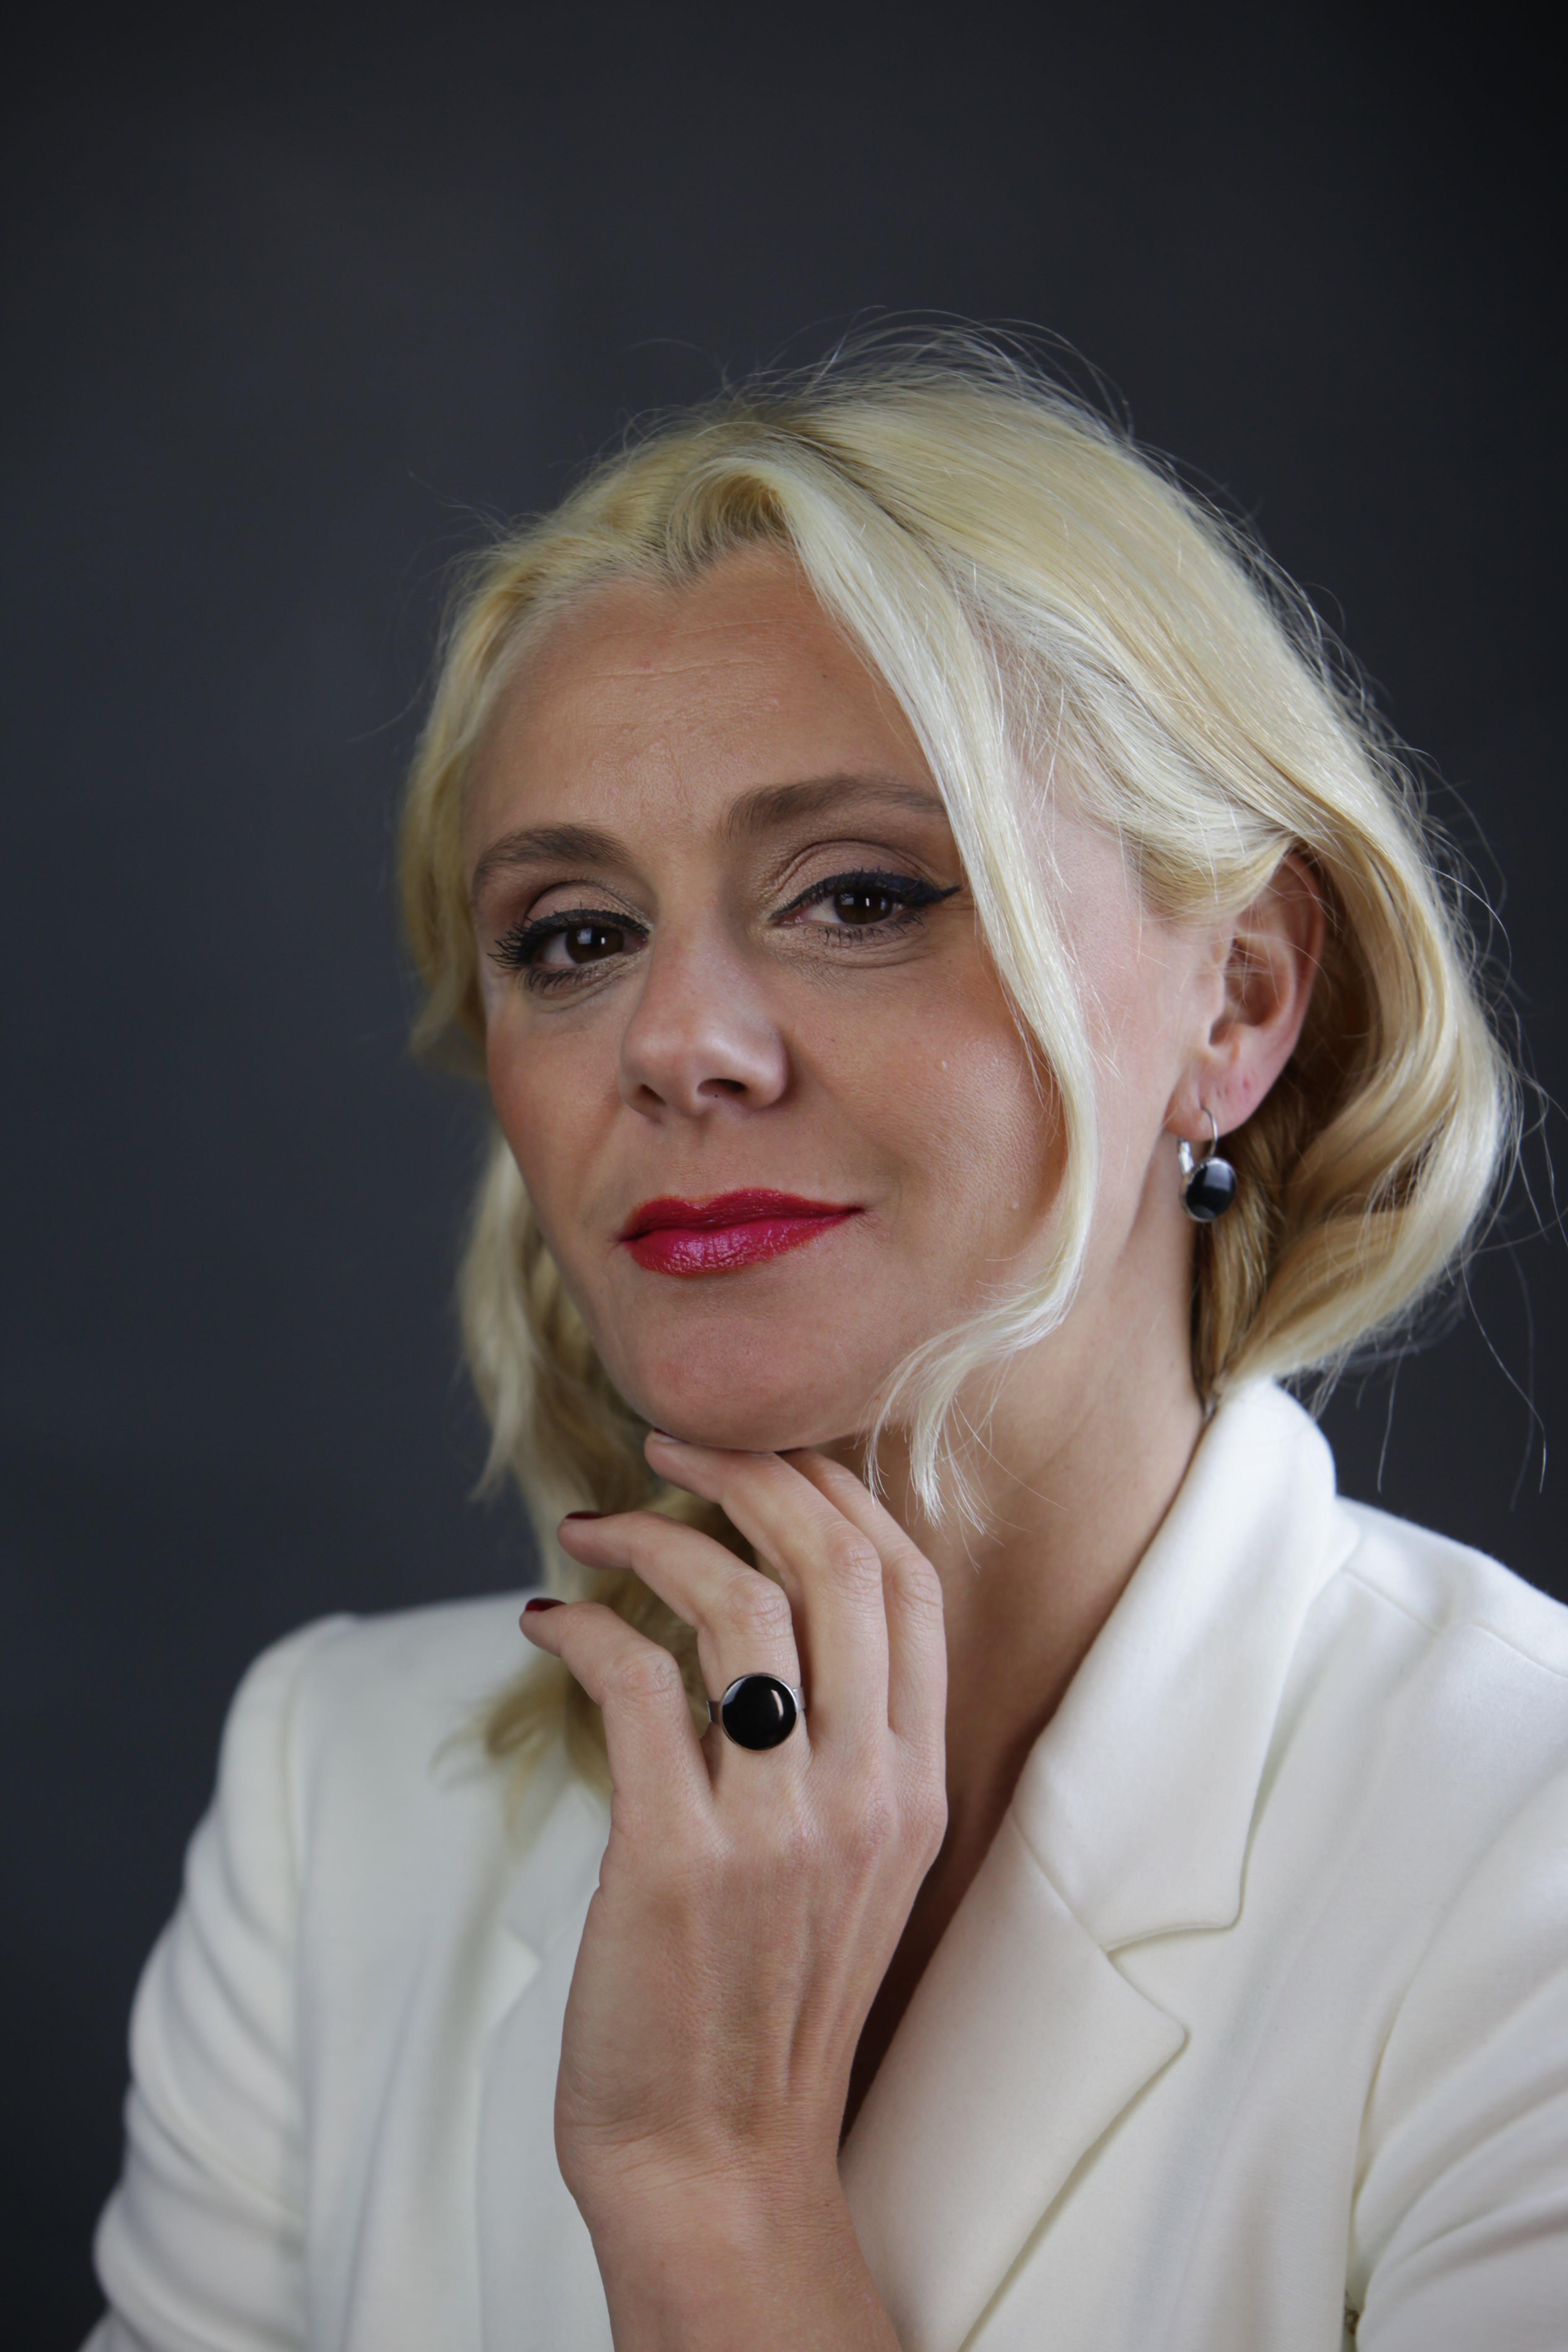 Gratis lagerfoto af blond, blond hår, blondine, blød